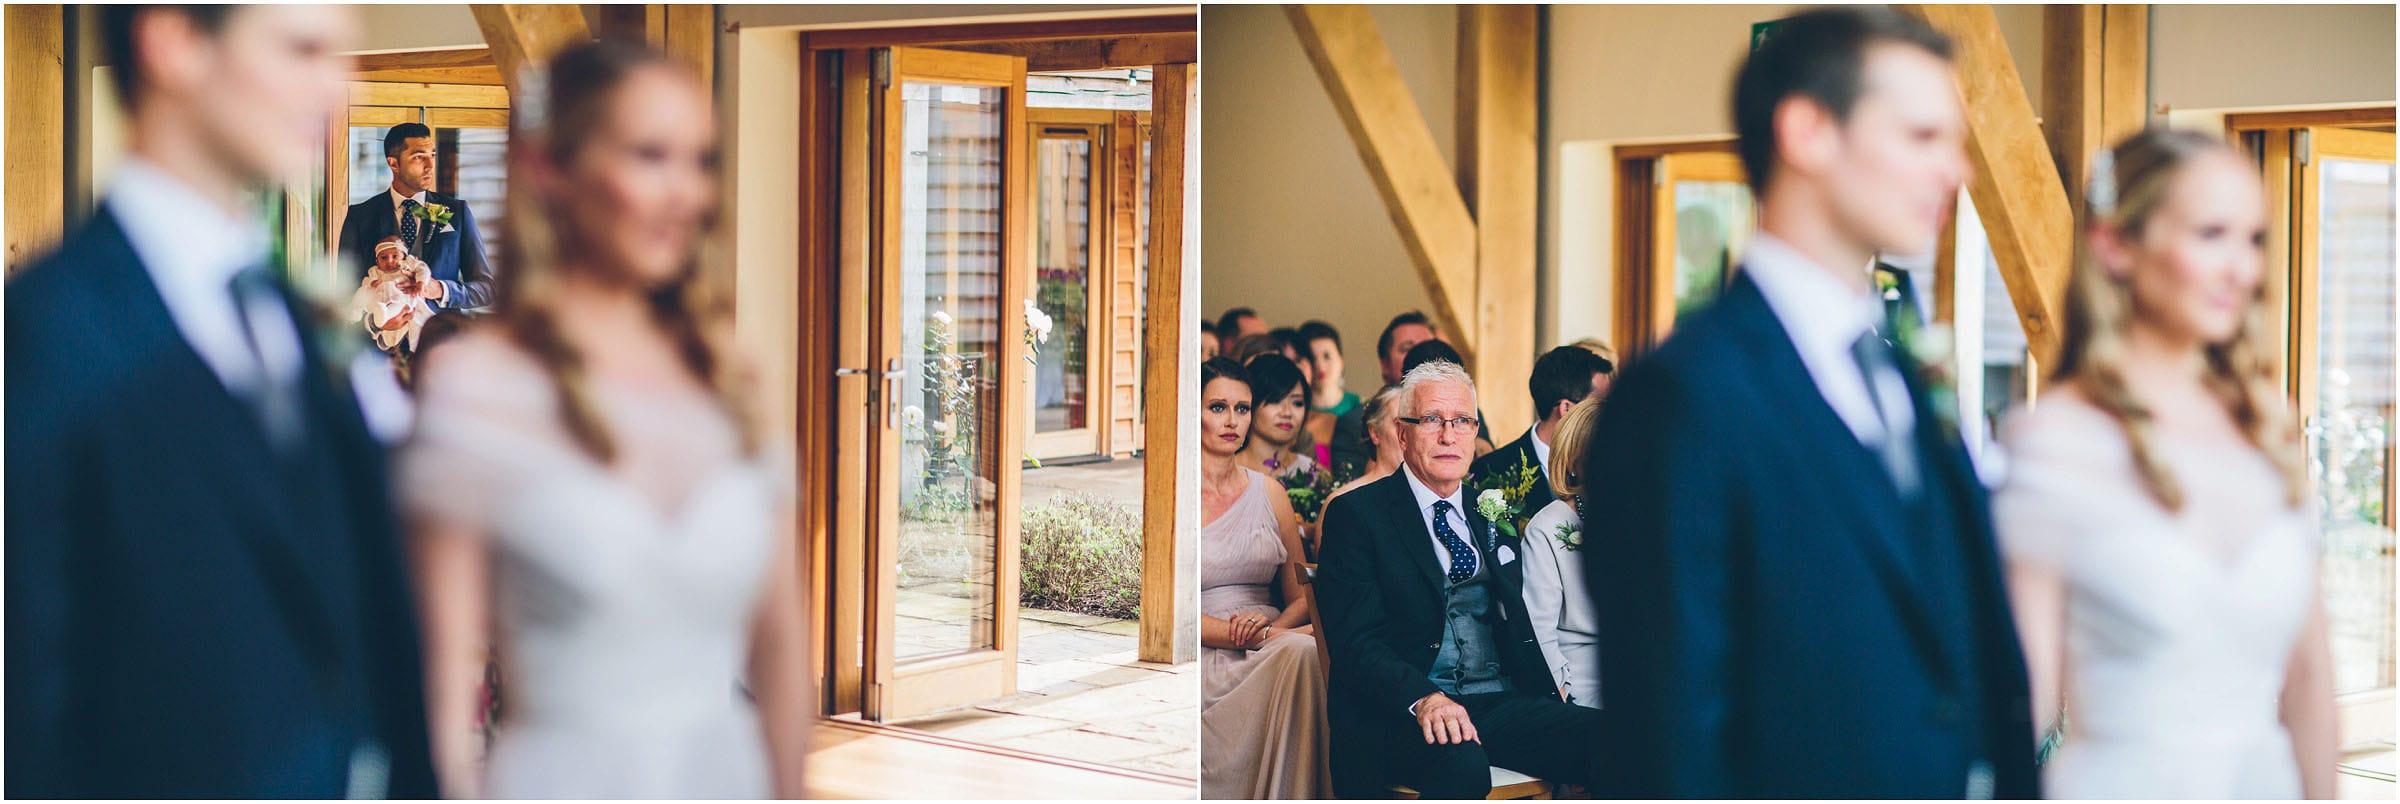 easton_grange_wedding_photography_0031